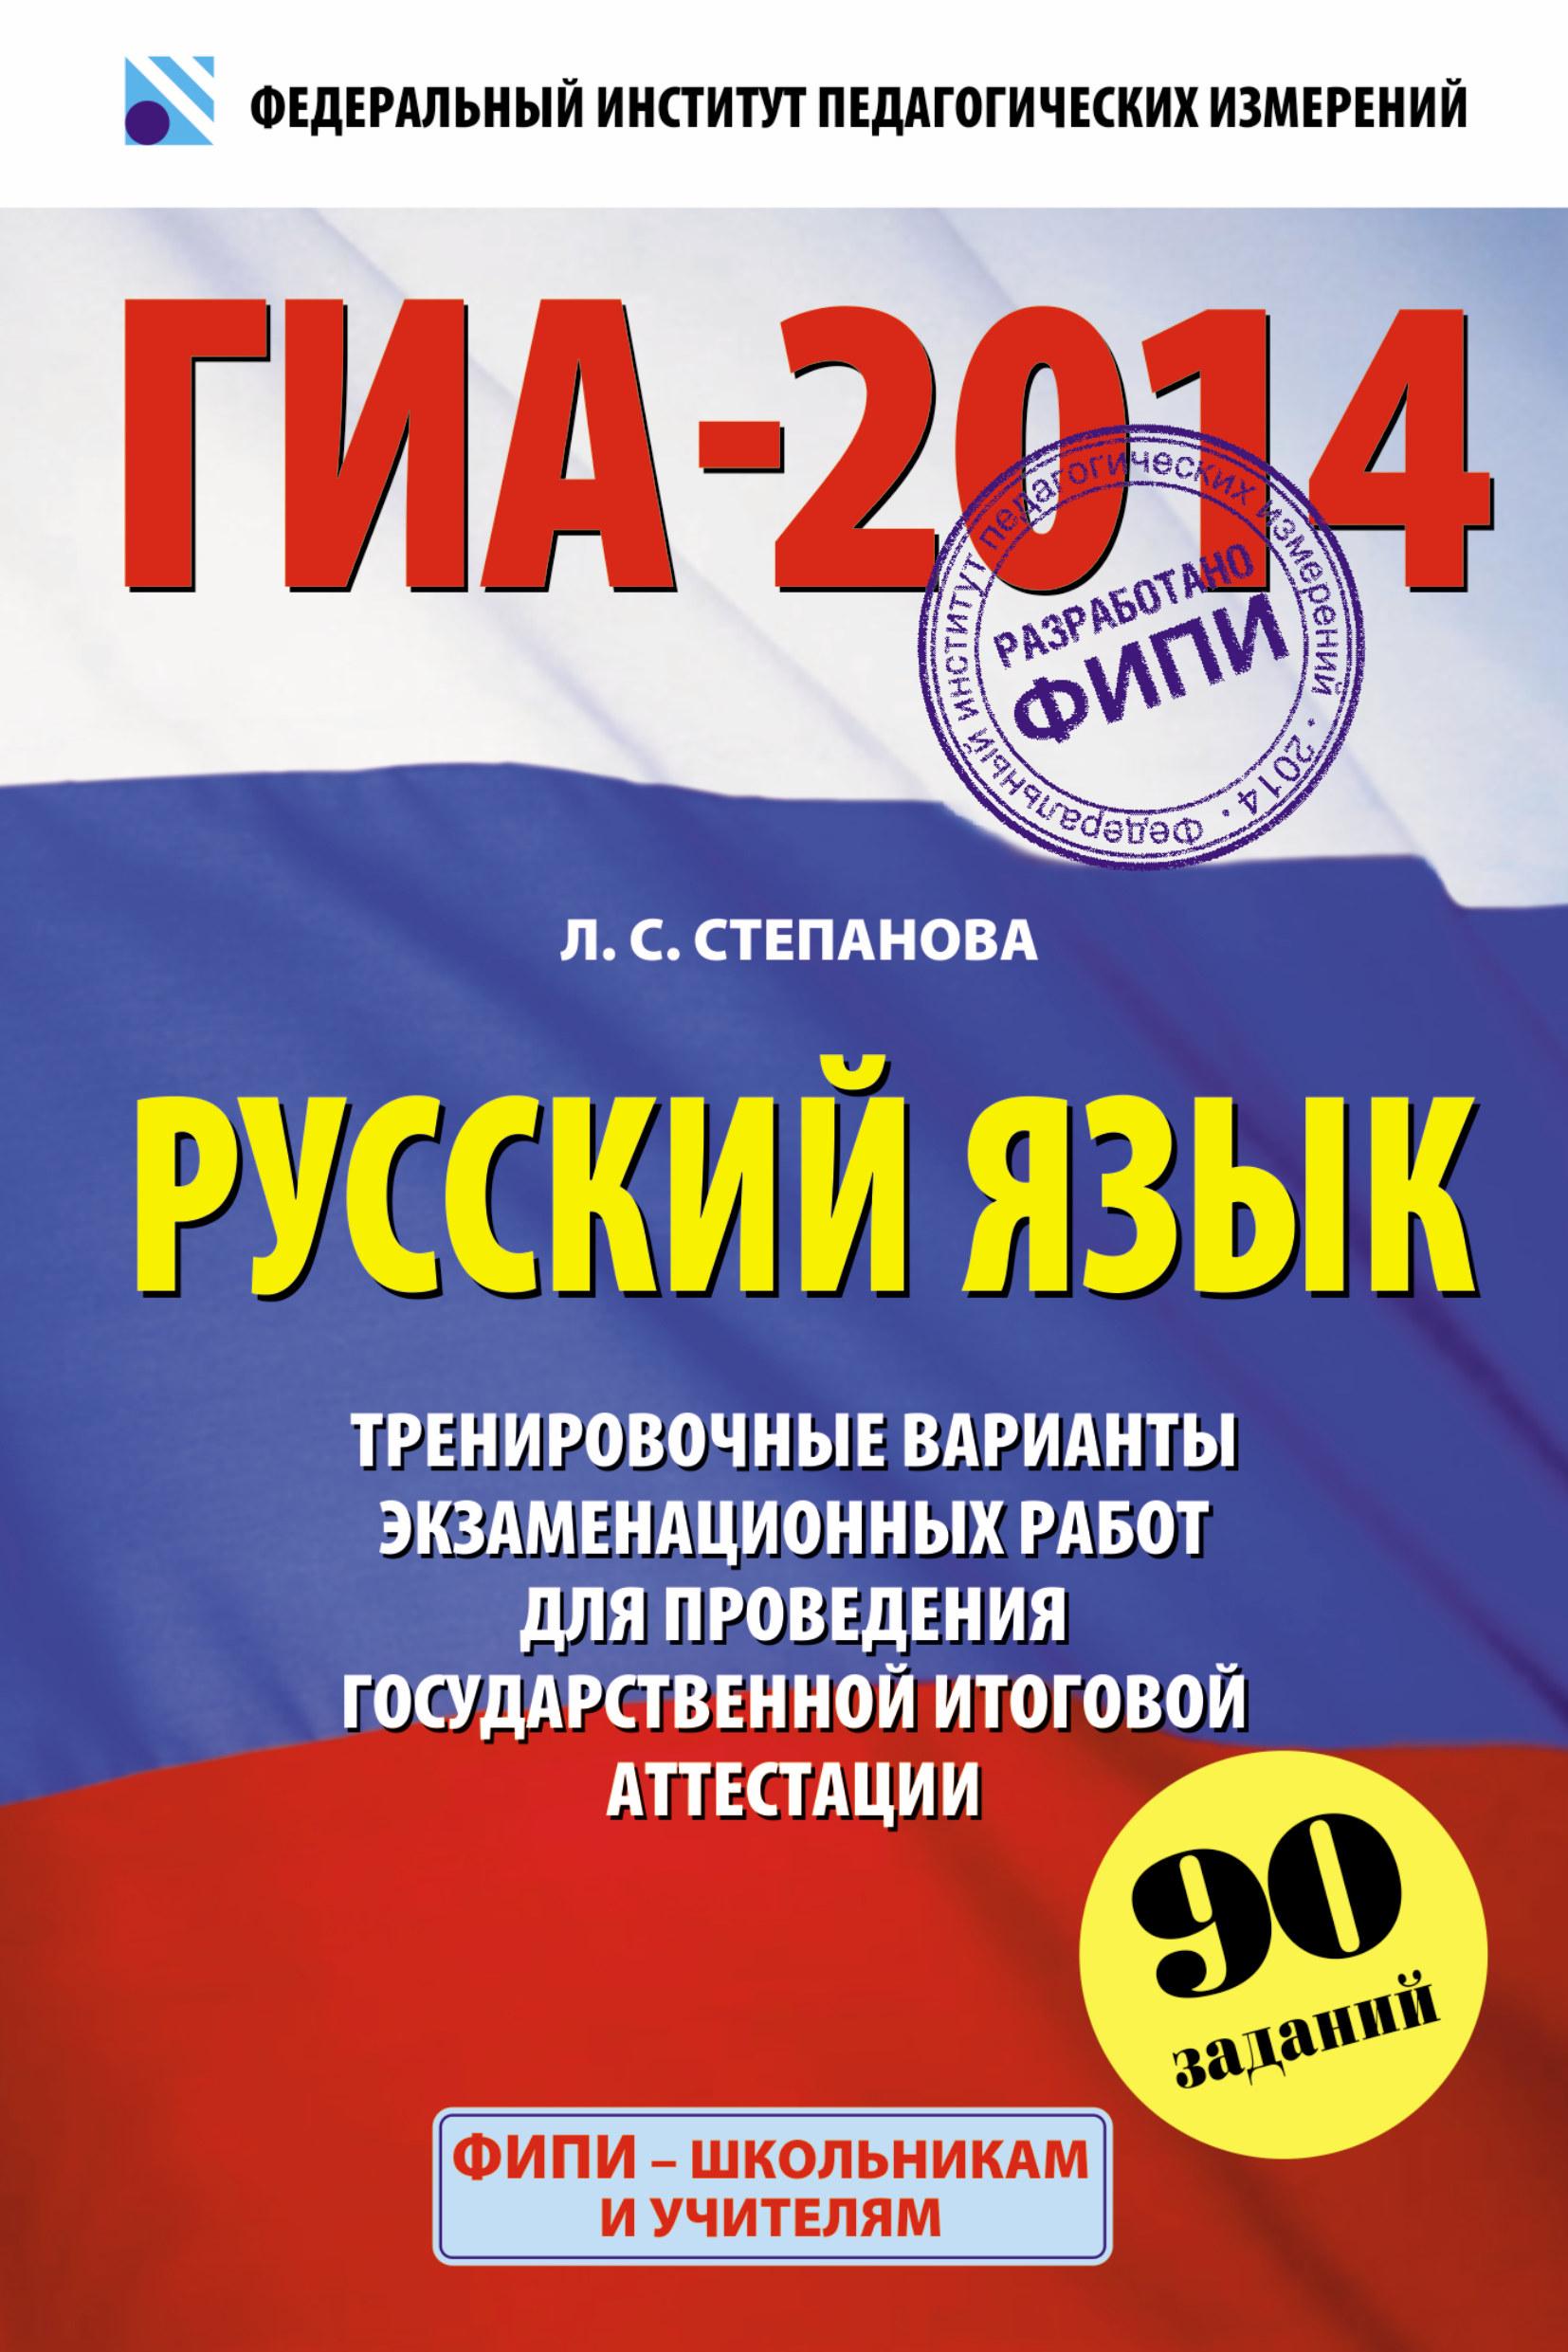 тренировочные варианты экзаменационных работ русскому 2014 гиа скачать